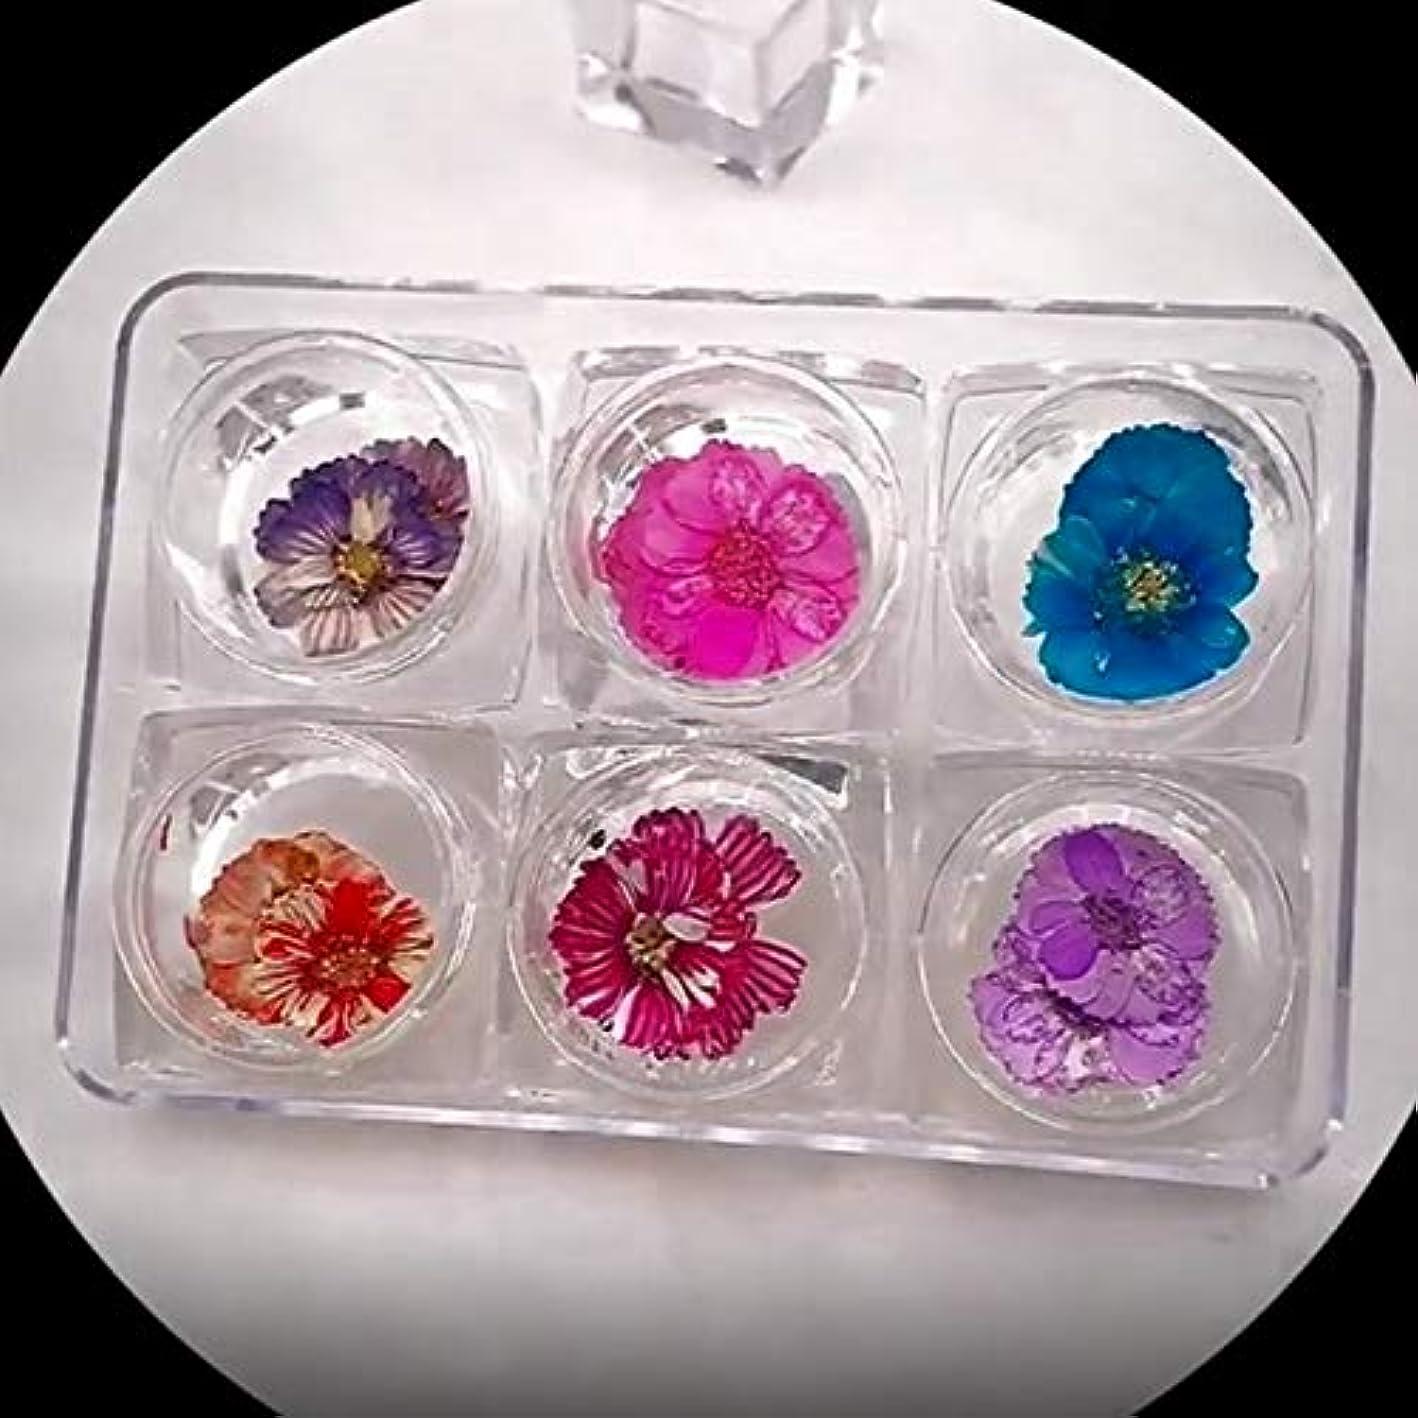 日付促す荒らすQuzama-JS 独創的な新しい6色ネイルアートアップリケジュエリーセット日本語乾燥花花びら永遠の花の結晶装飾(None Picture Color)